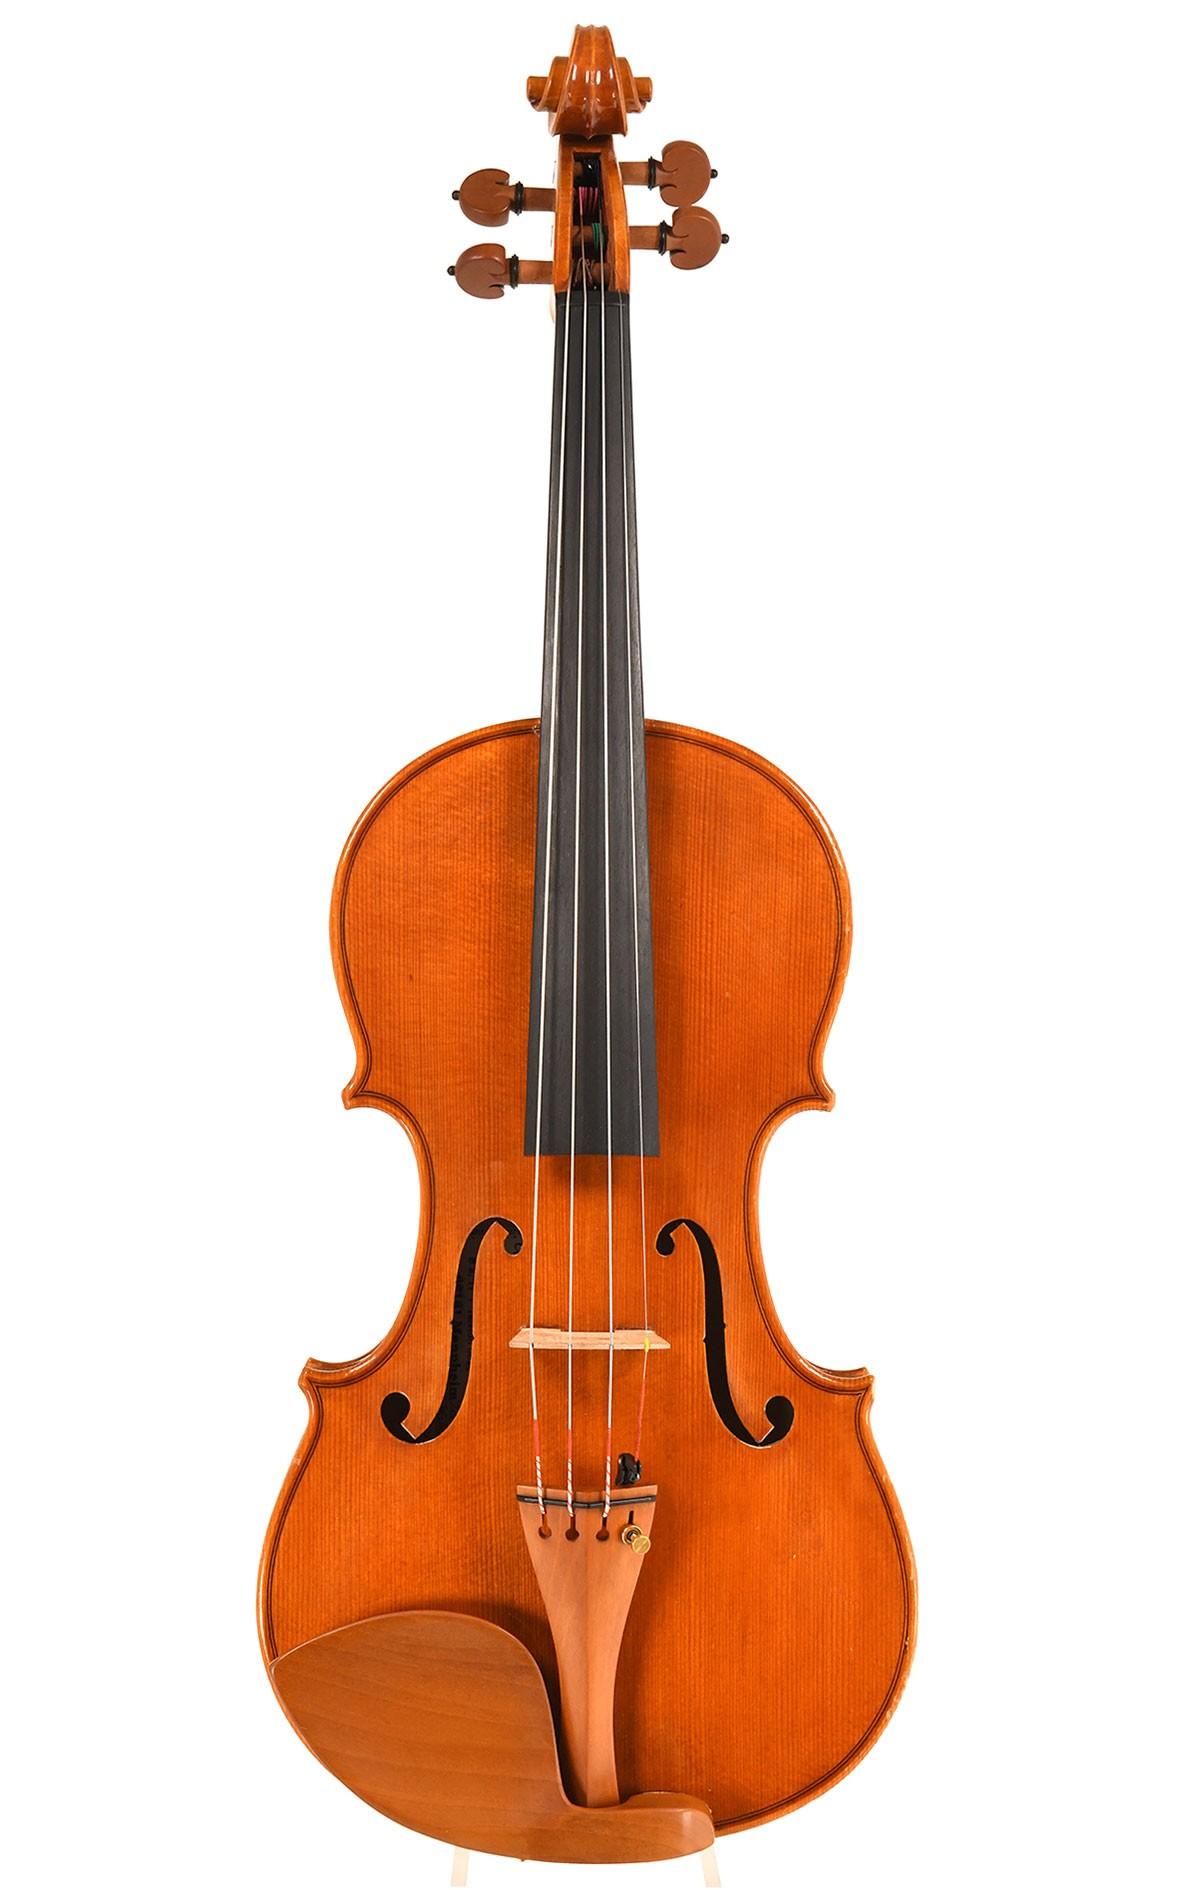 Violin in the Cremonese tradition of Antonio Stradivarius